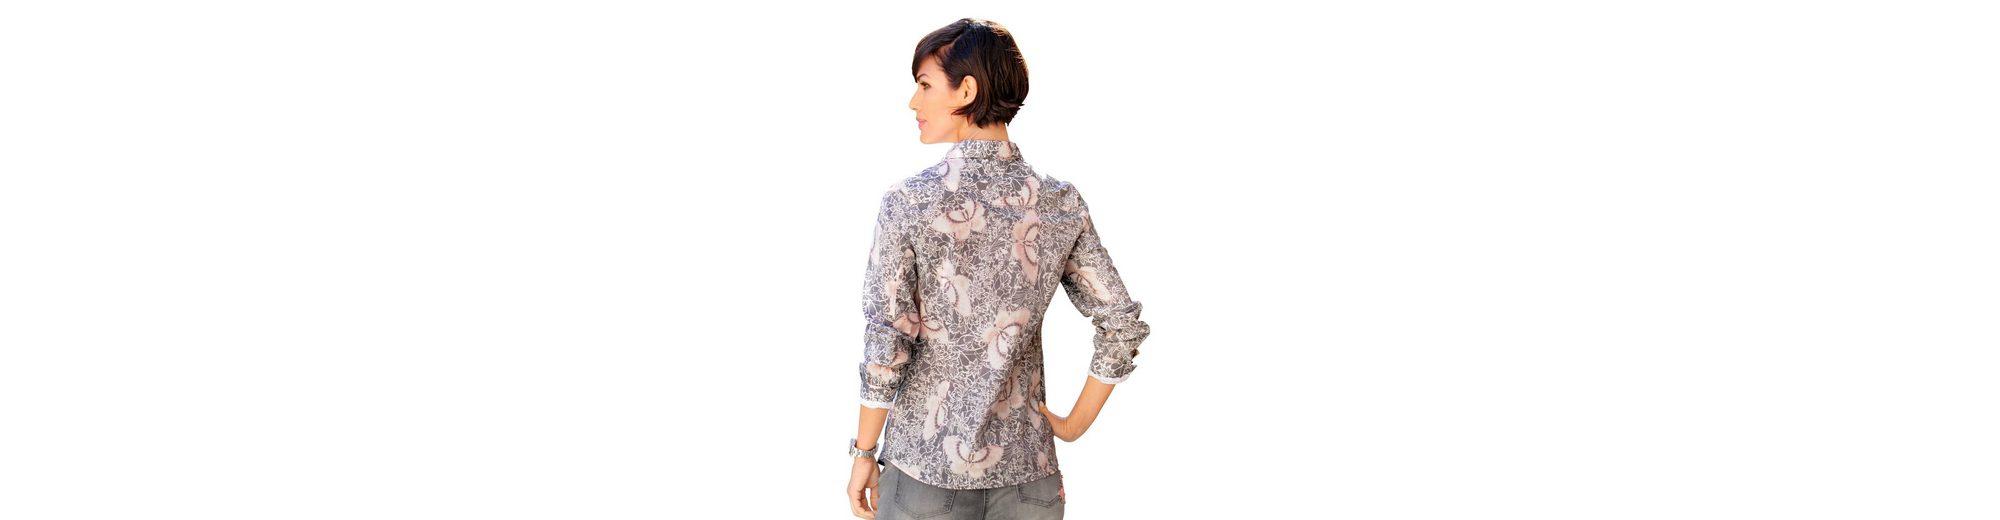 Billigshop Alba Moda Hemdbluse mit femininem Druckdessin Angebote Zum Verkauf Verkauf 2018 Neueste Websites Online-Verkauf Rabatt Neueste hQeQZs